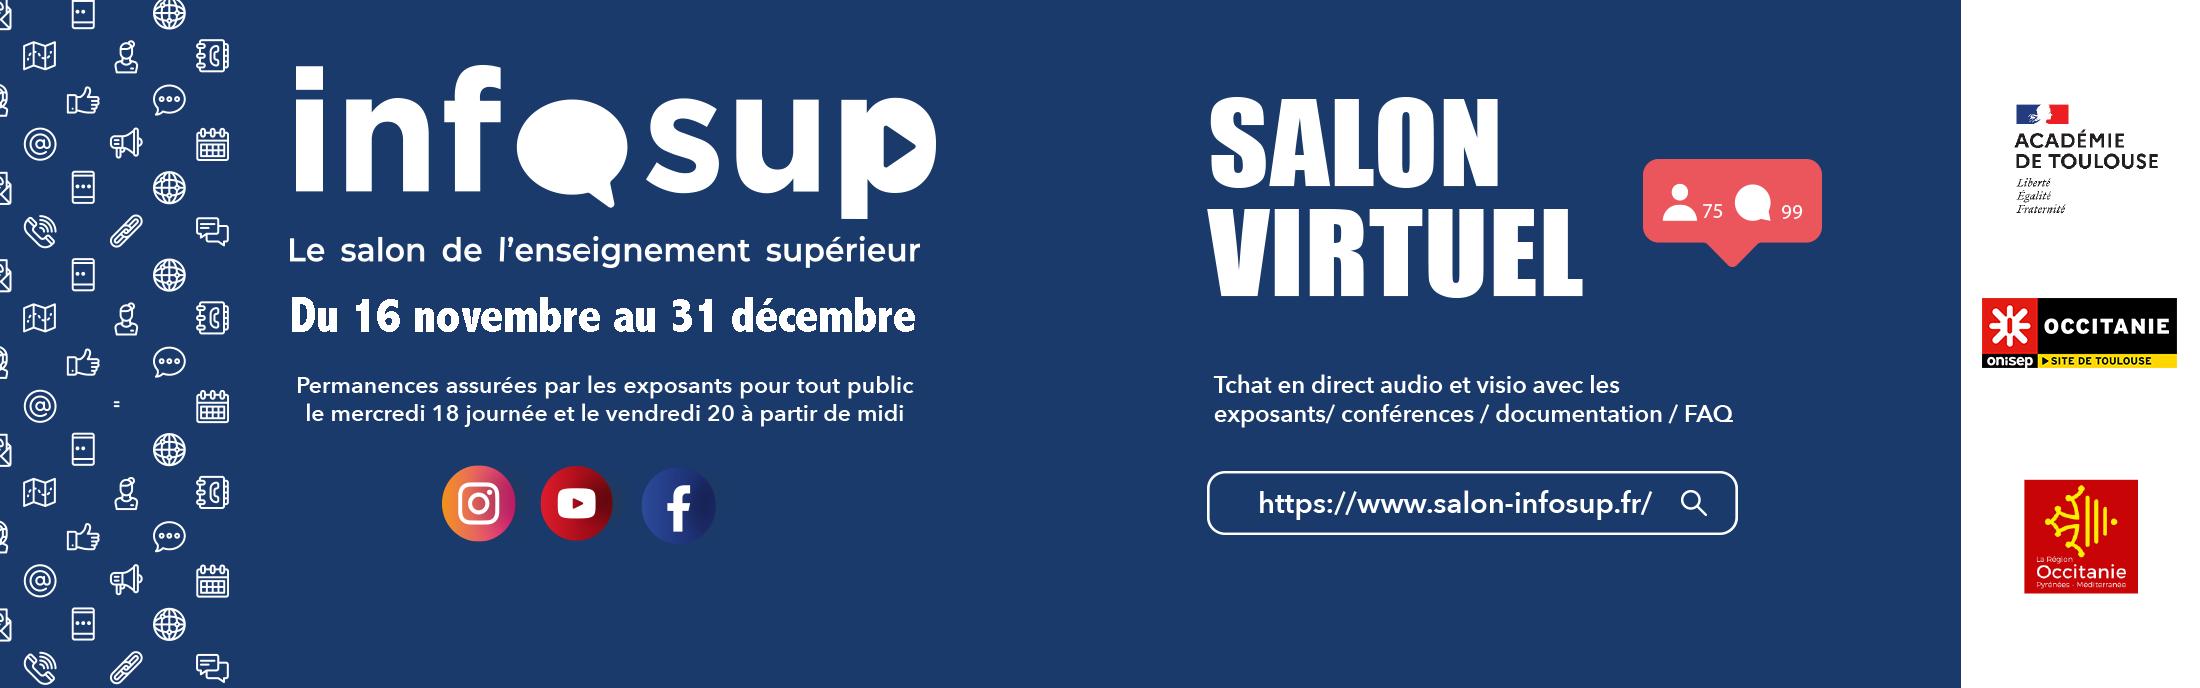 salon Infosup virtuel